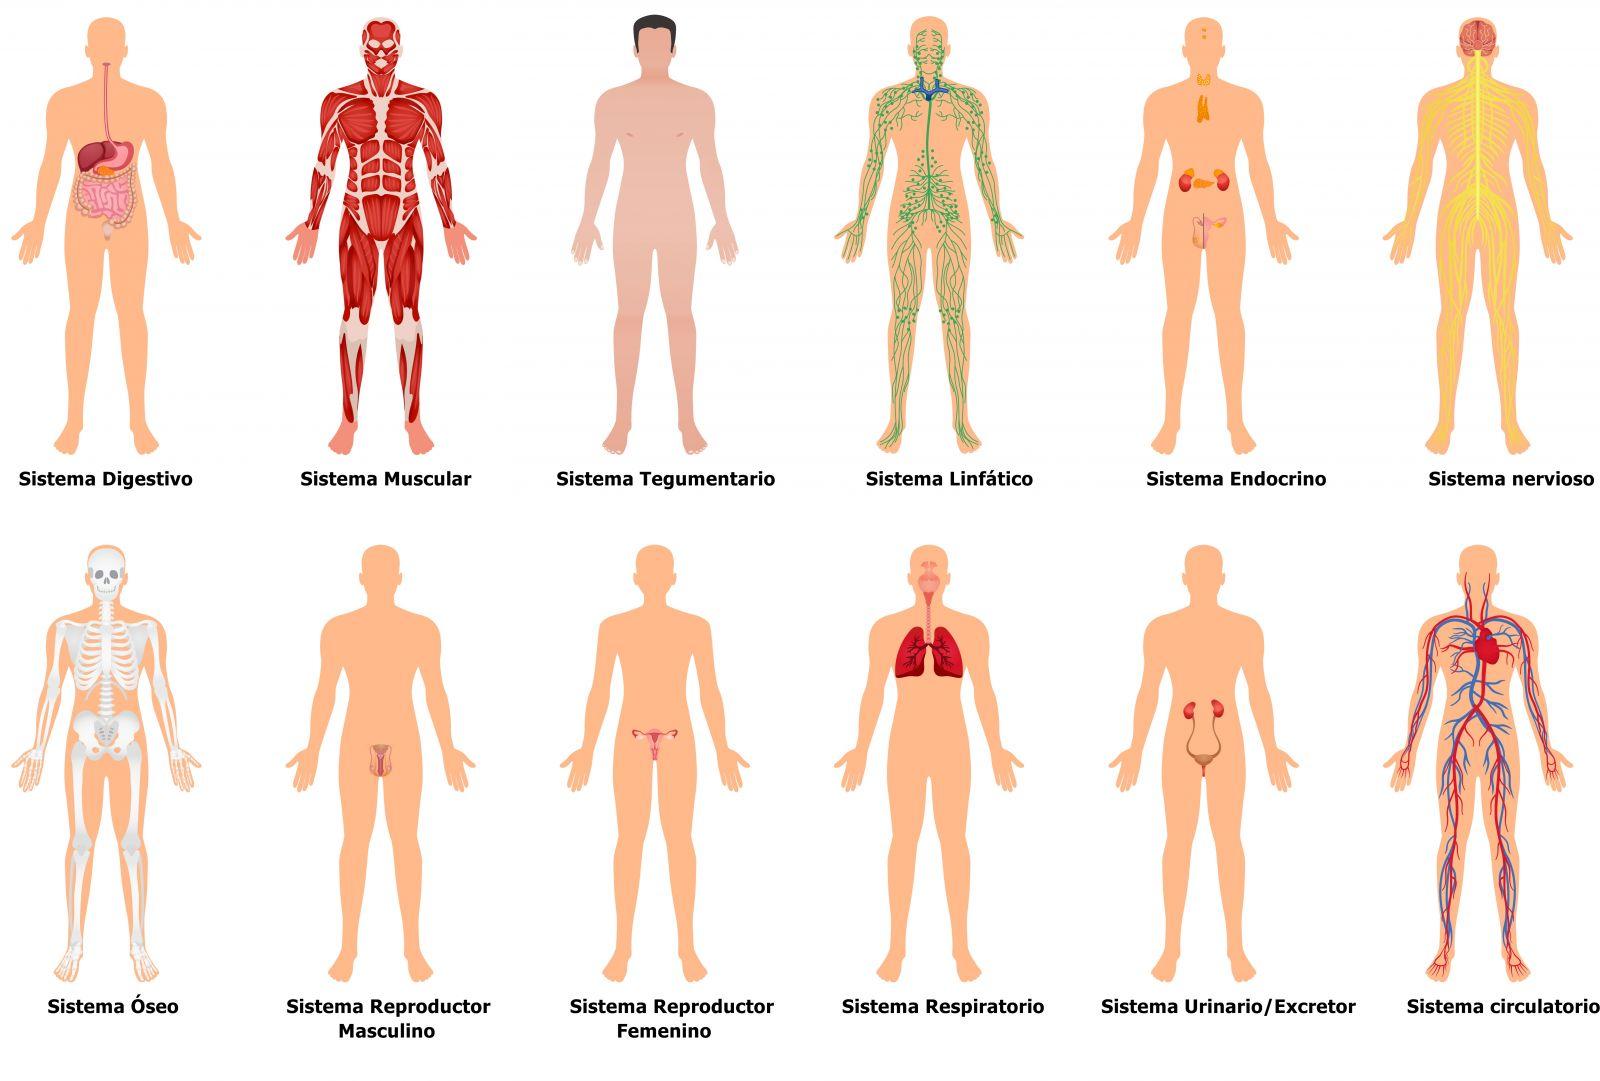 O nosso corpo é formado por vários sistemas